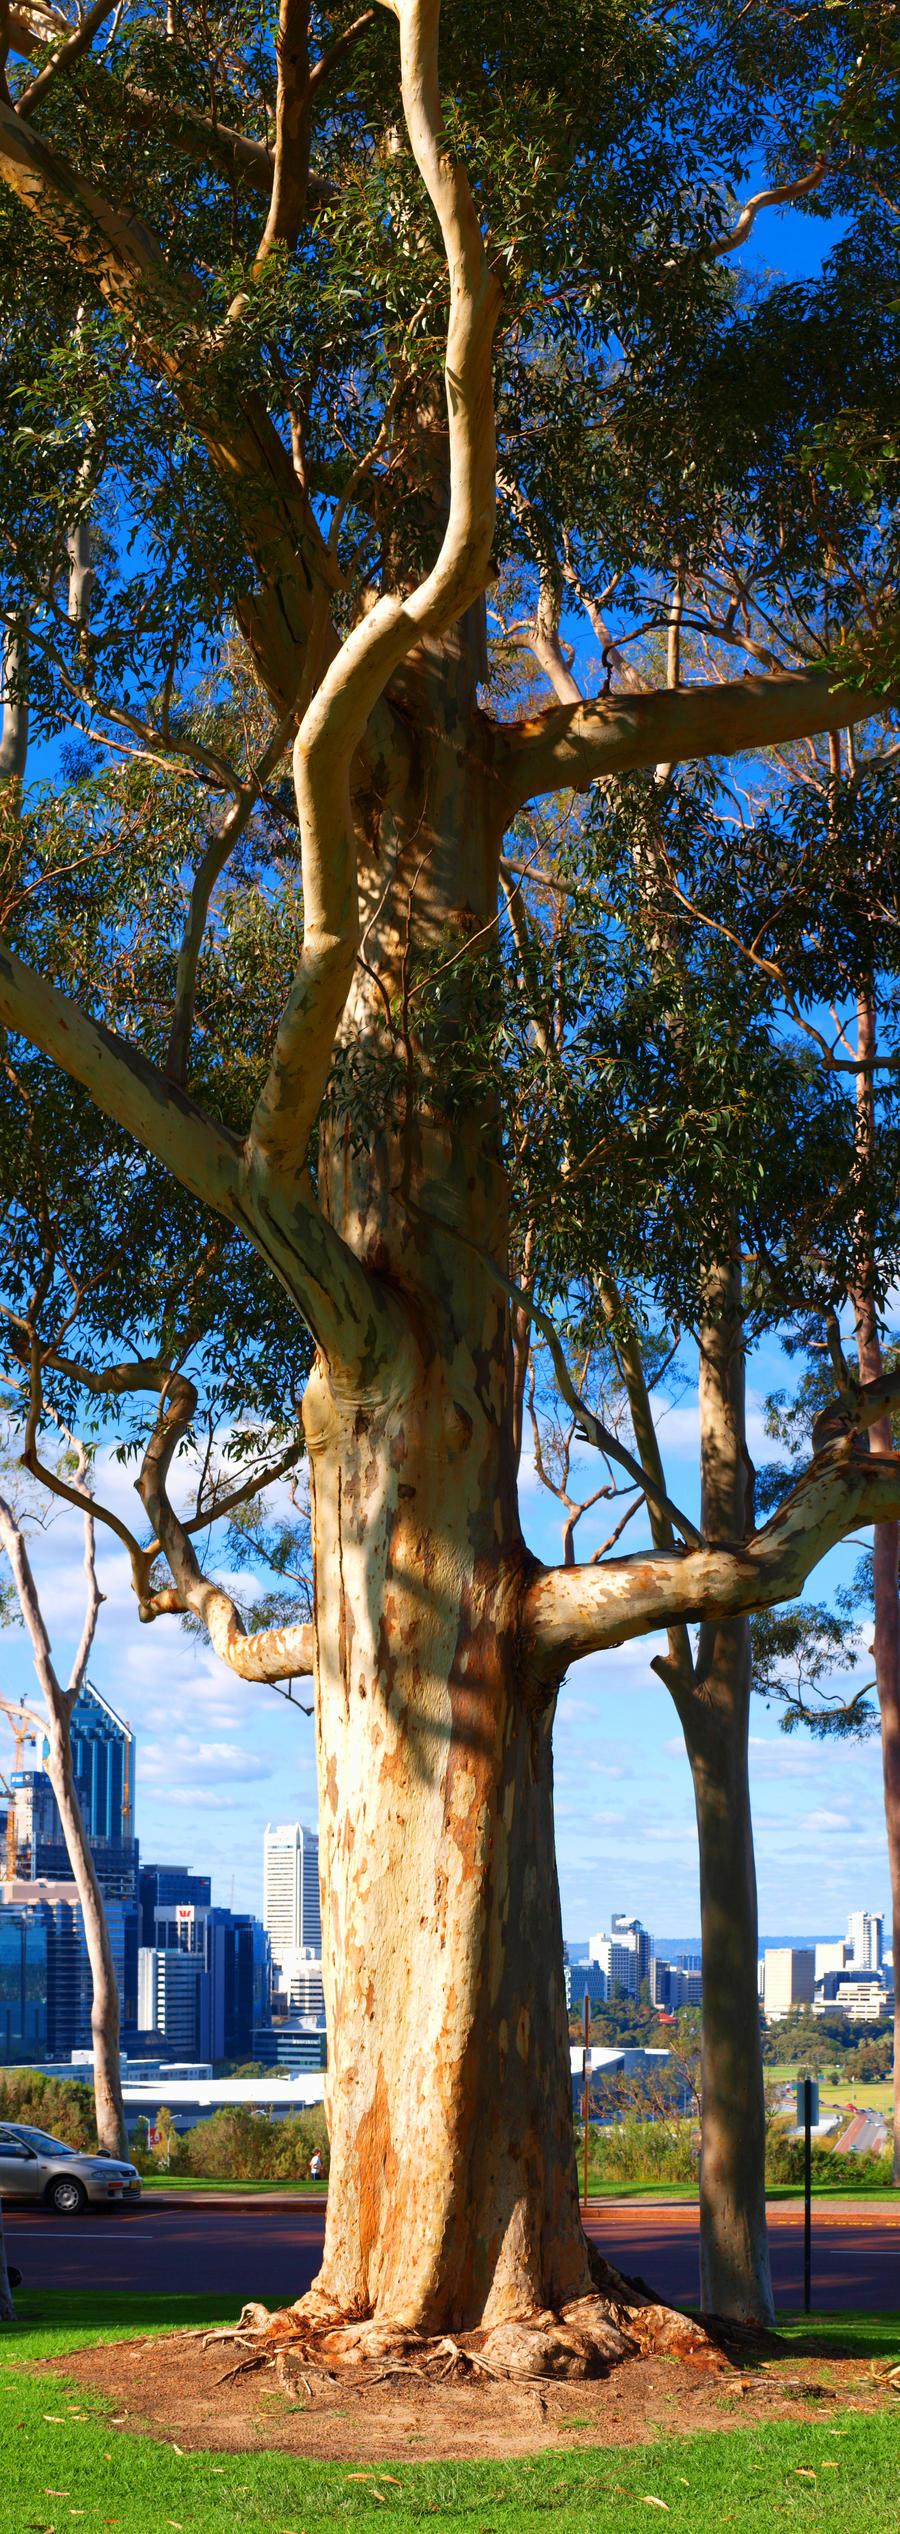 Perth gum tree